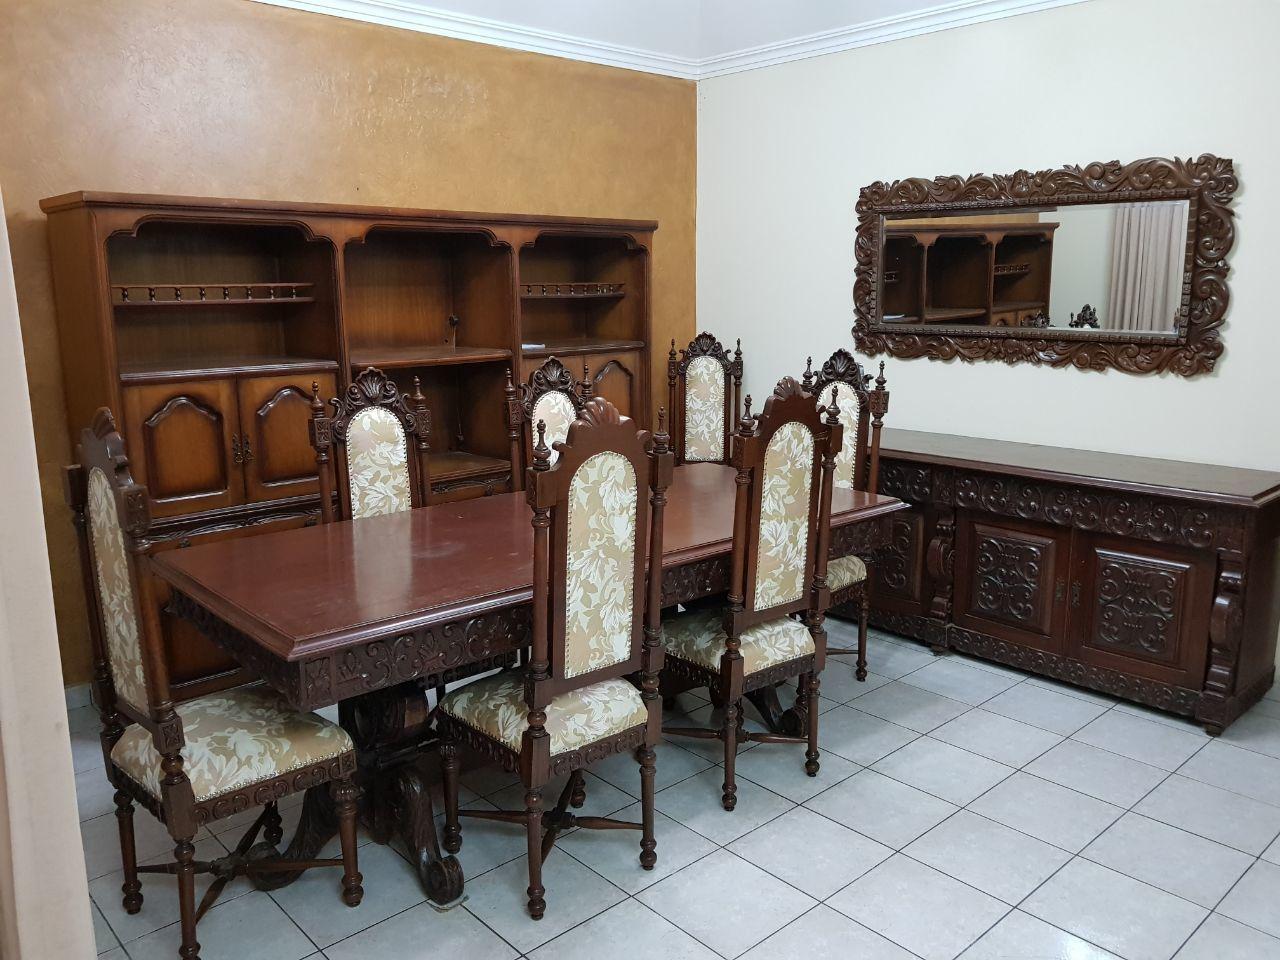 Casa en Alquiler COND LOS BOSQUES ENTRE 4TO  Y 5TO ANILLO RADIAL 26, CASA EN ALQUILER Foto 18